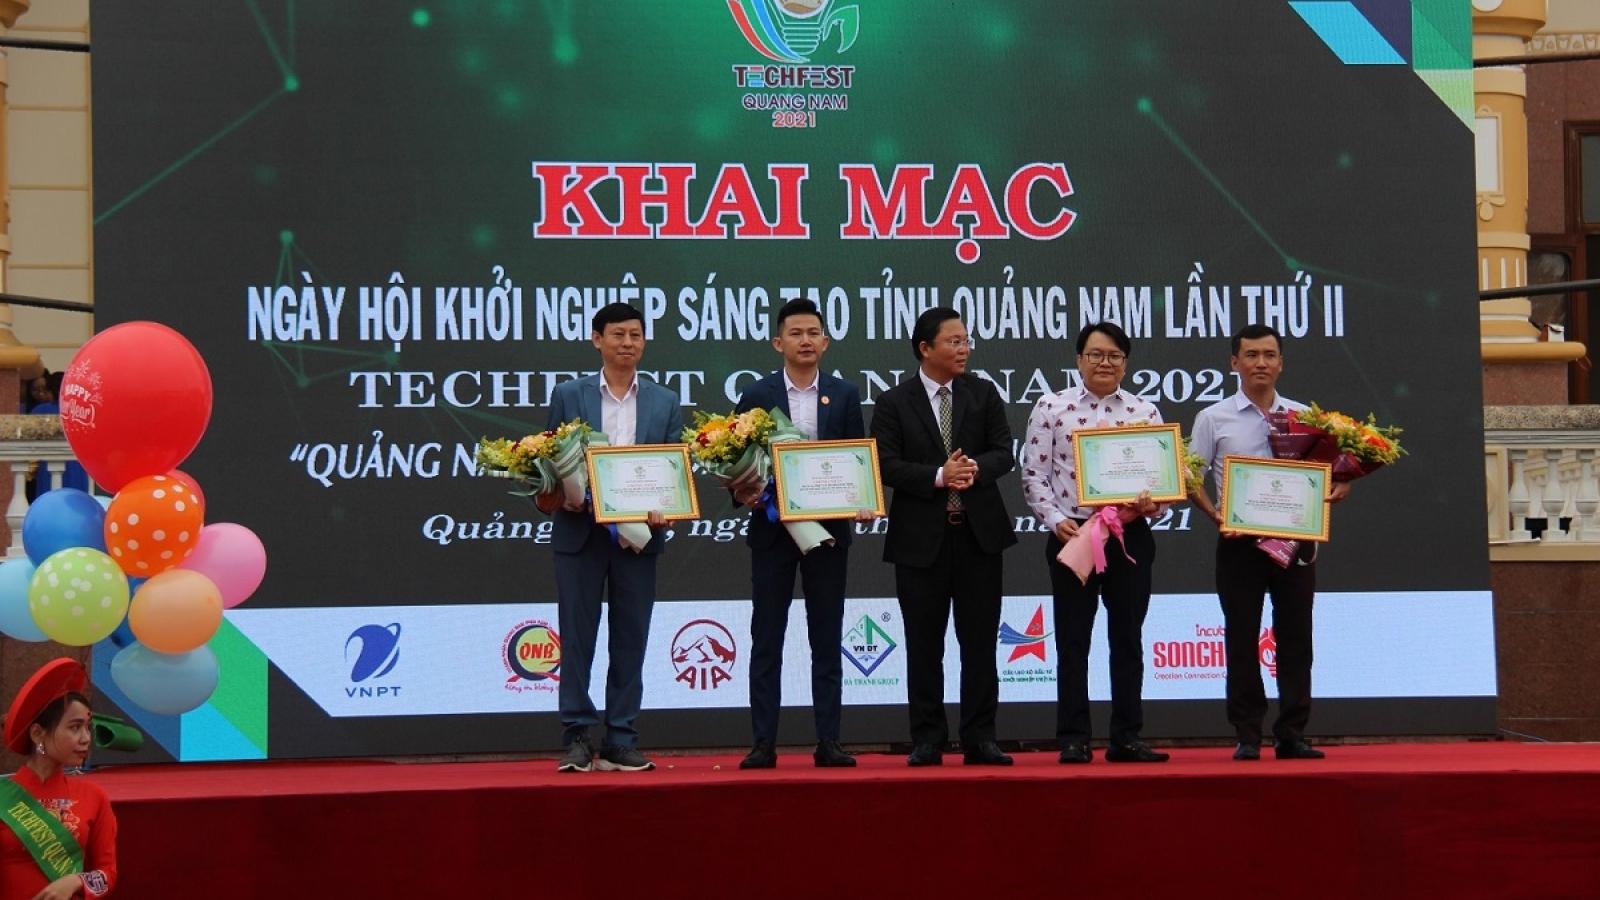 Hơn 200 sản phẩm khởi nghiệp tại Ngày hội Khởi nghiệp sáng tạo Quảng Nam lần thứ II